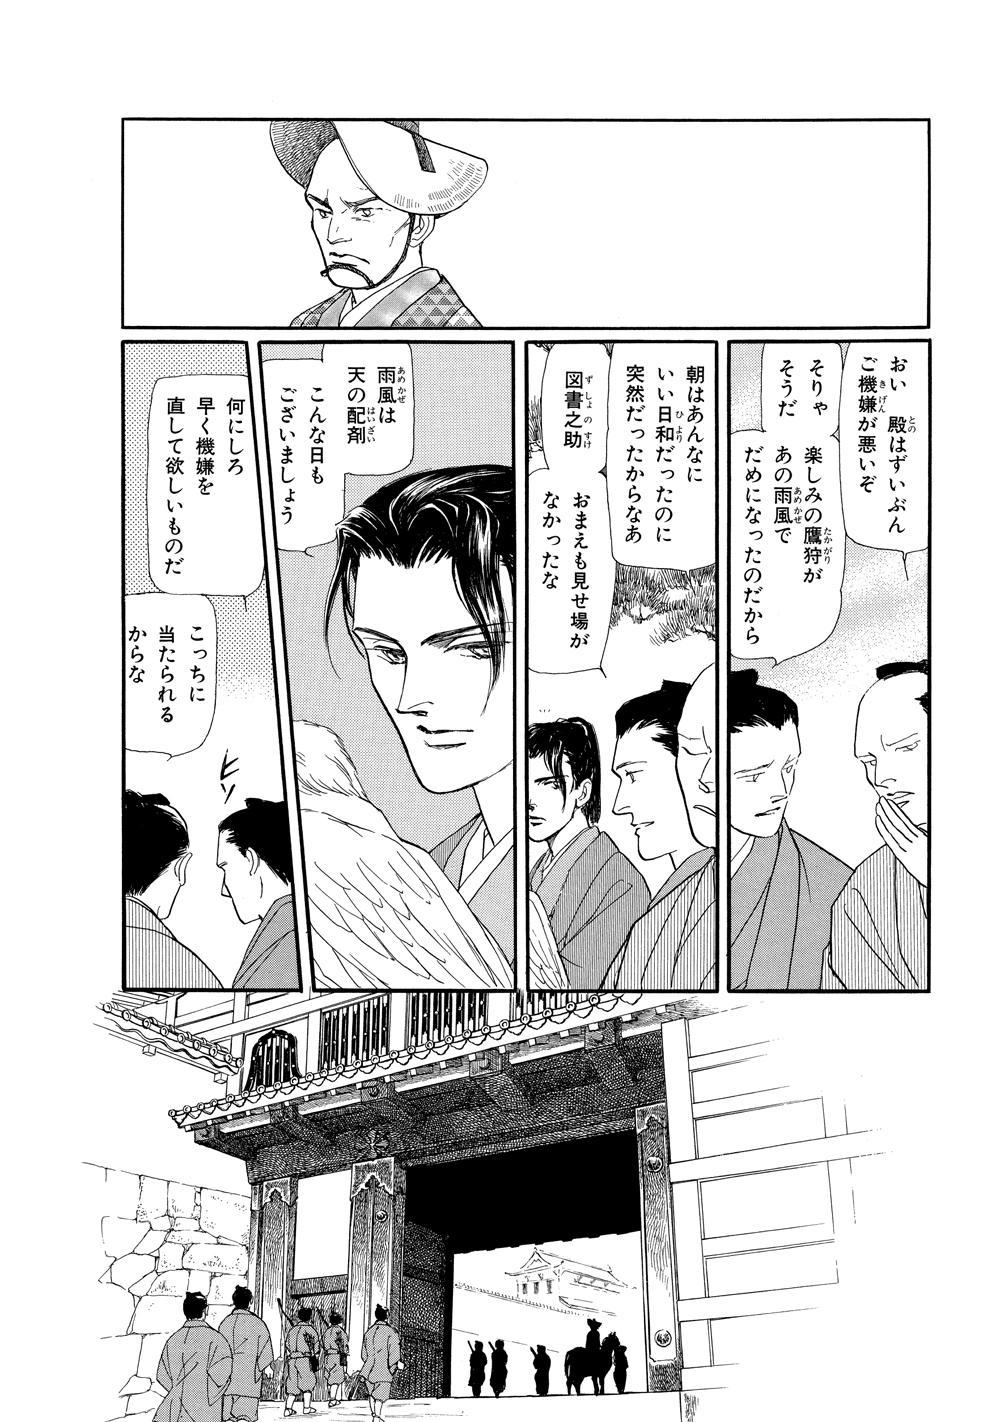 鏡花夢幻01_024.jpg